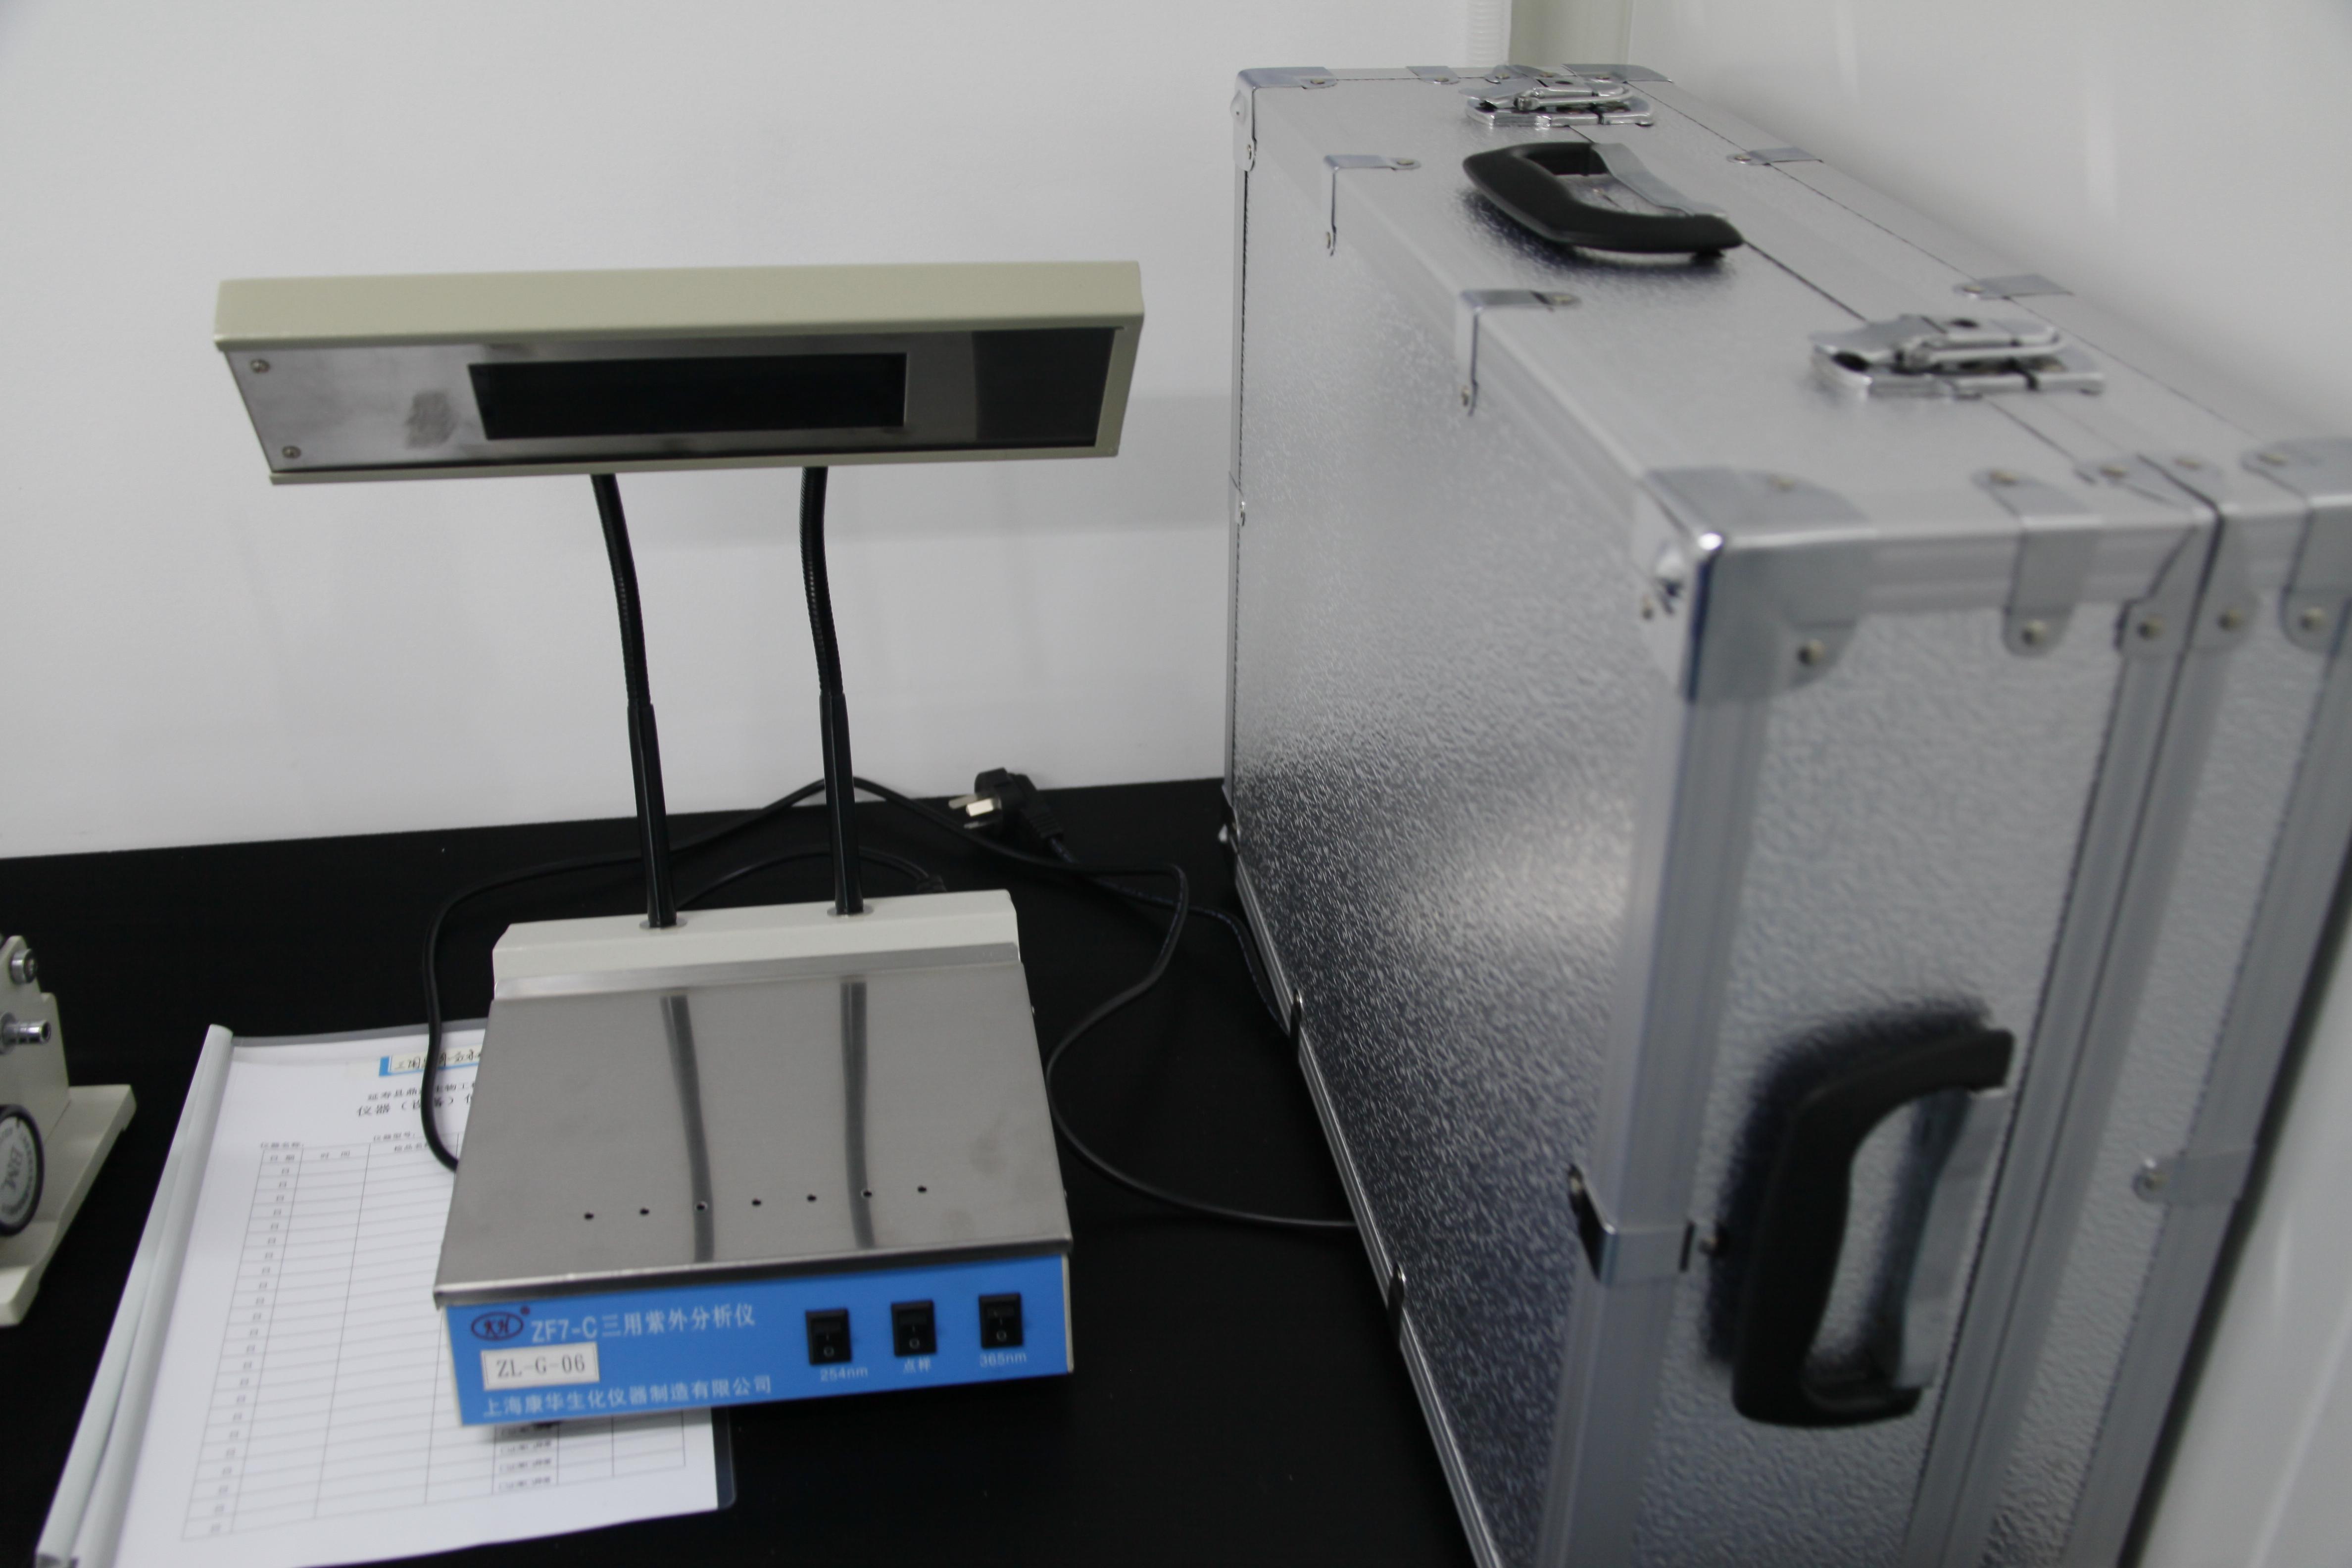 紫外风光光度检测